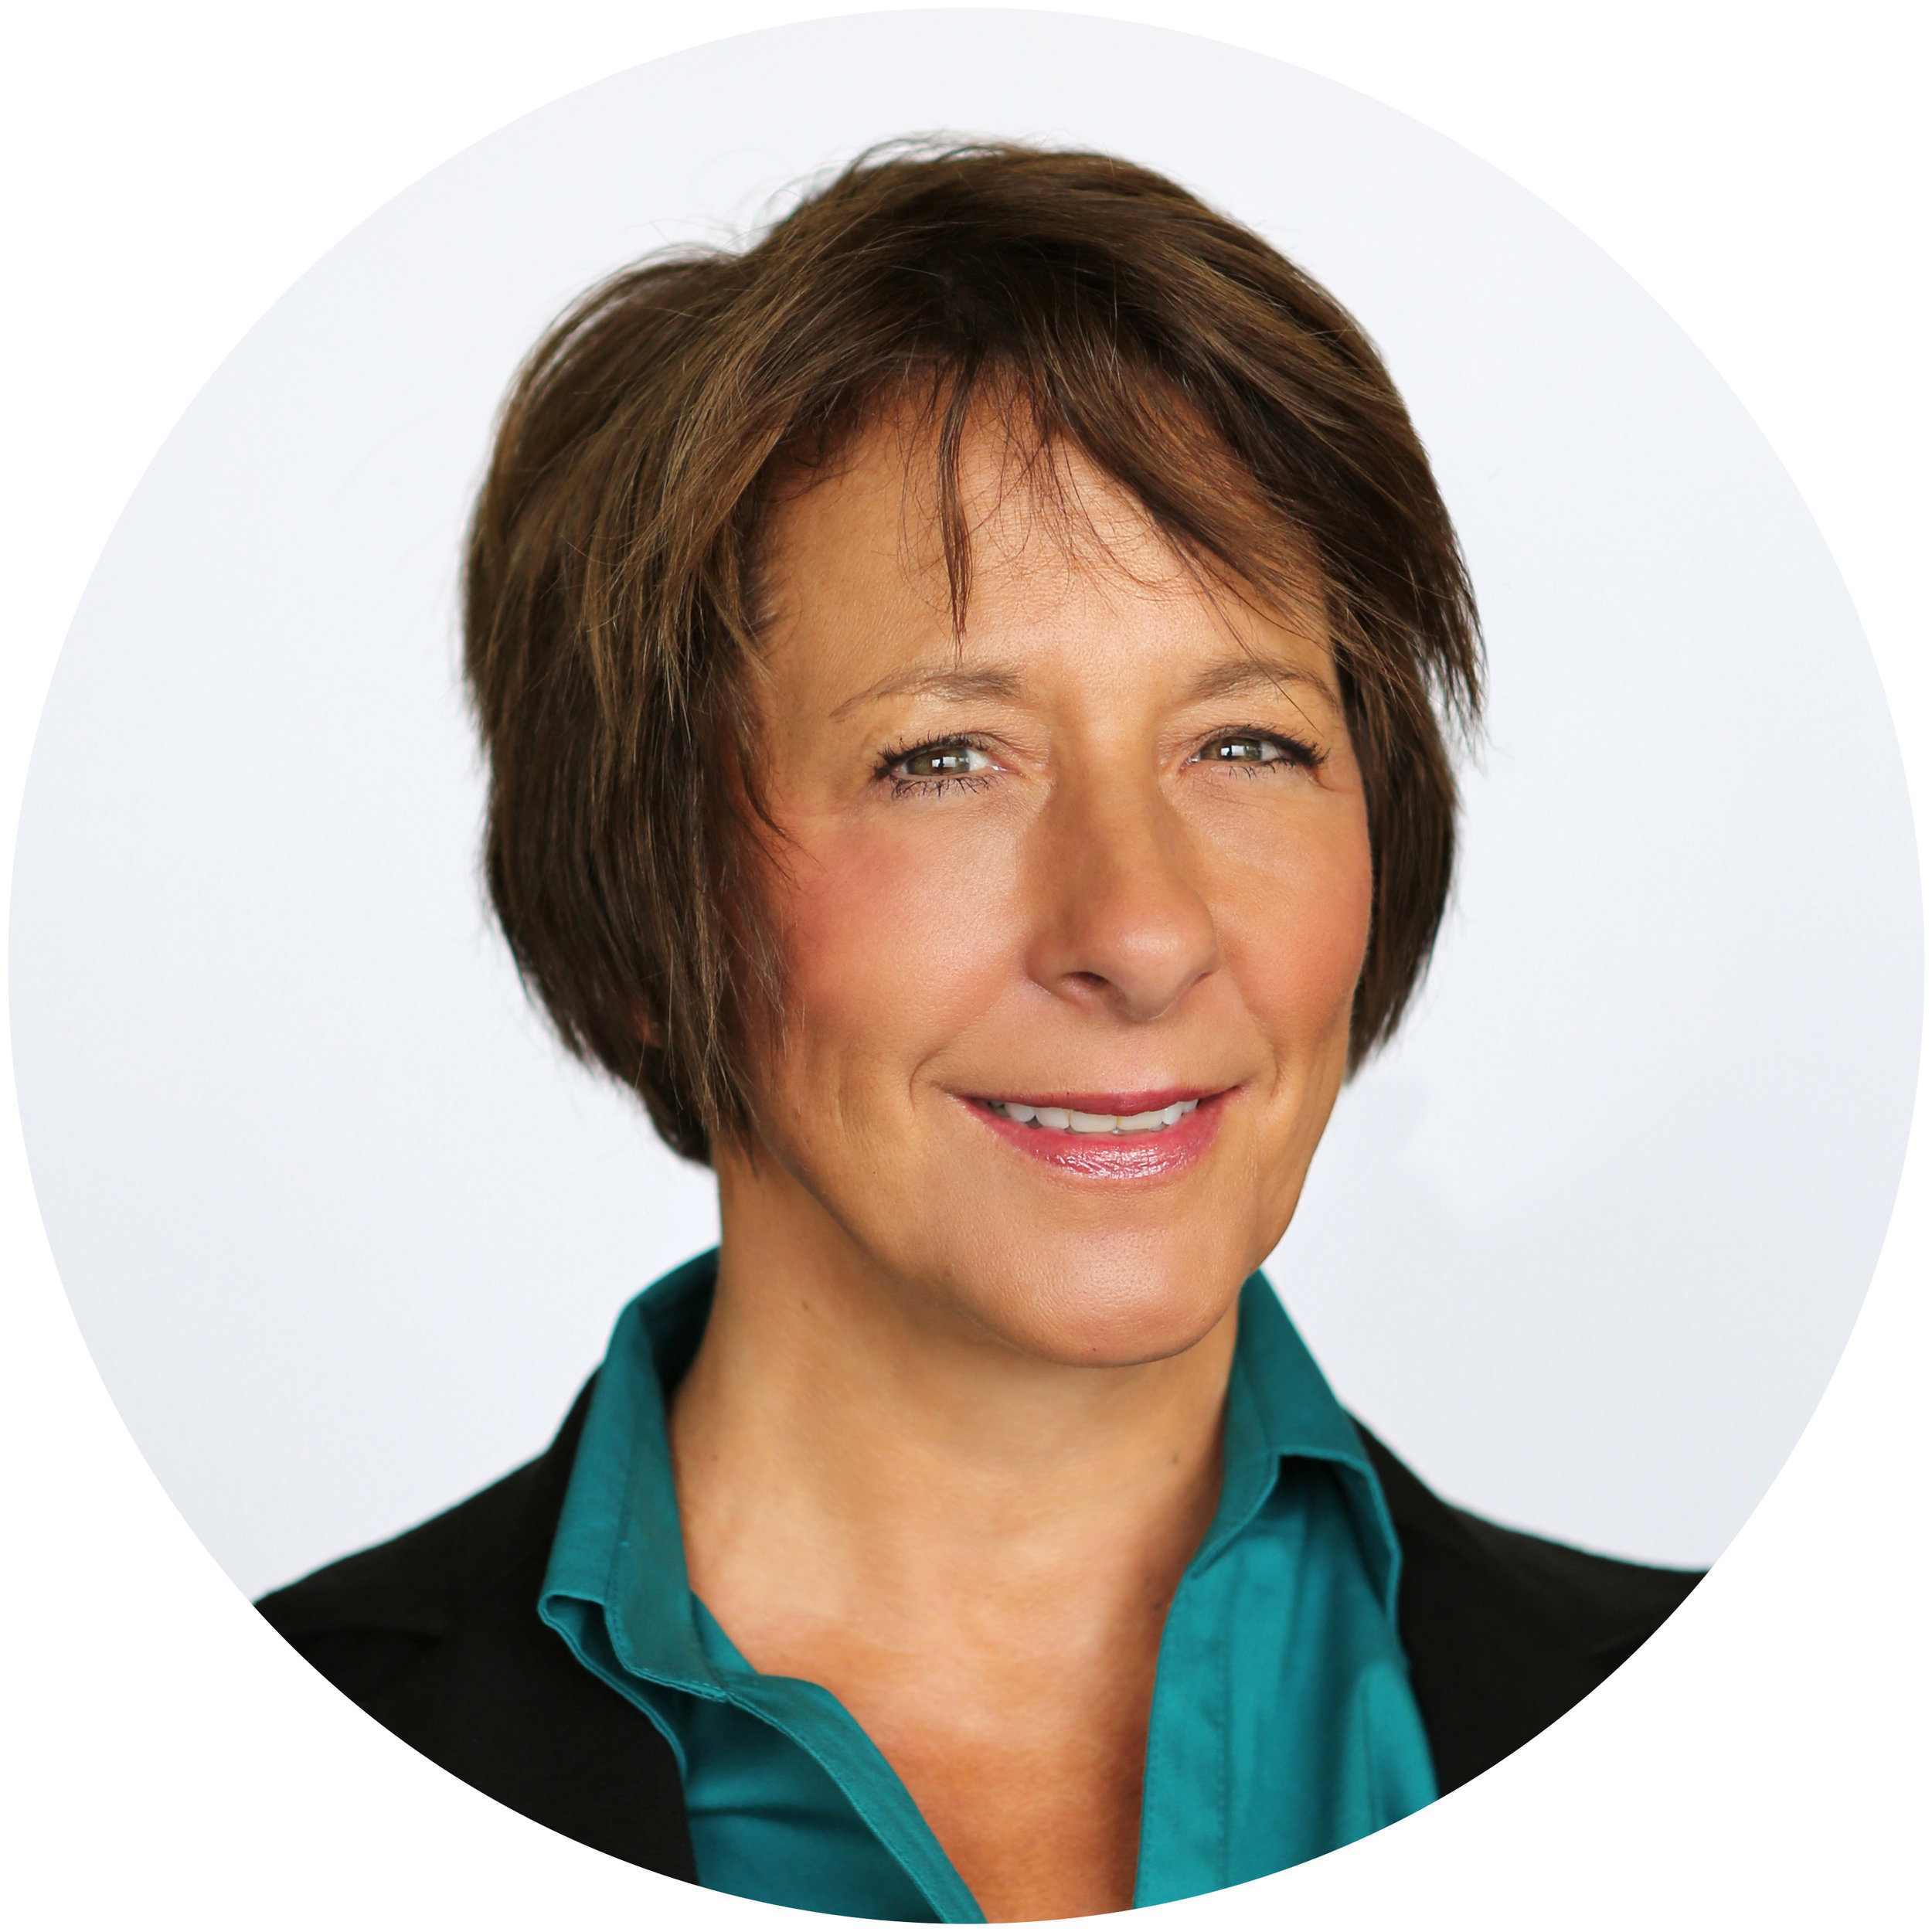 Sara Guss, Senior Project Manager, Land Services, KERAMIDA Inc.